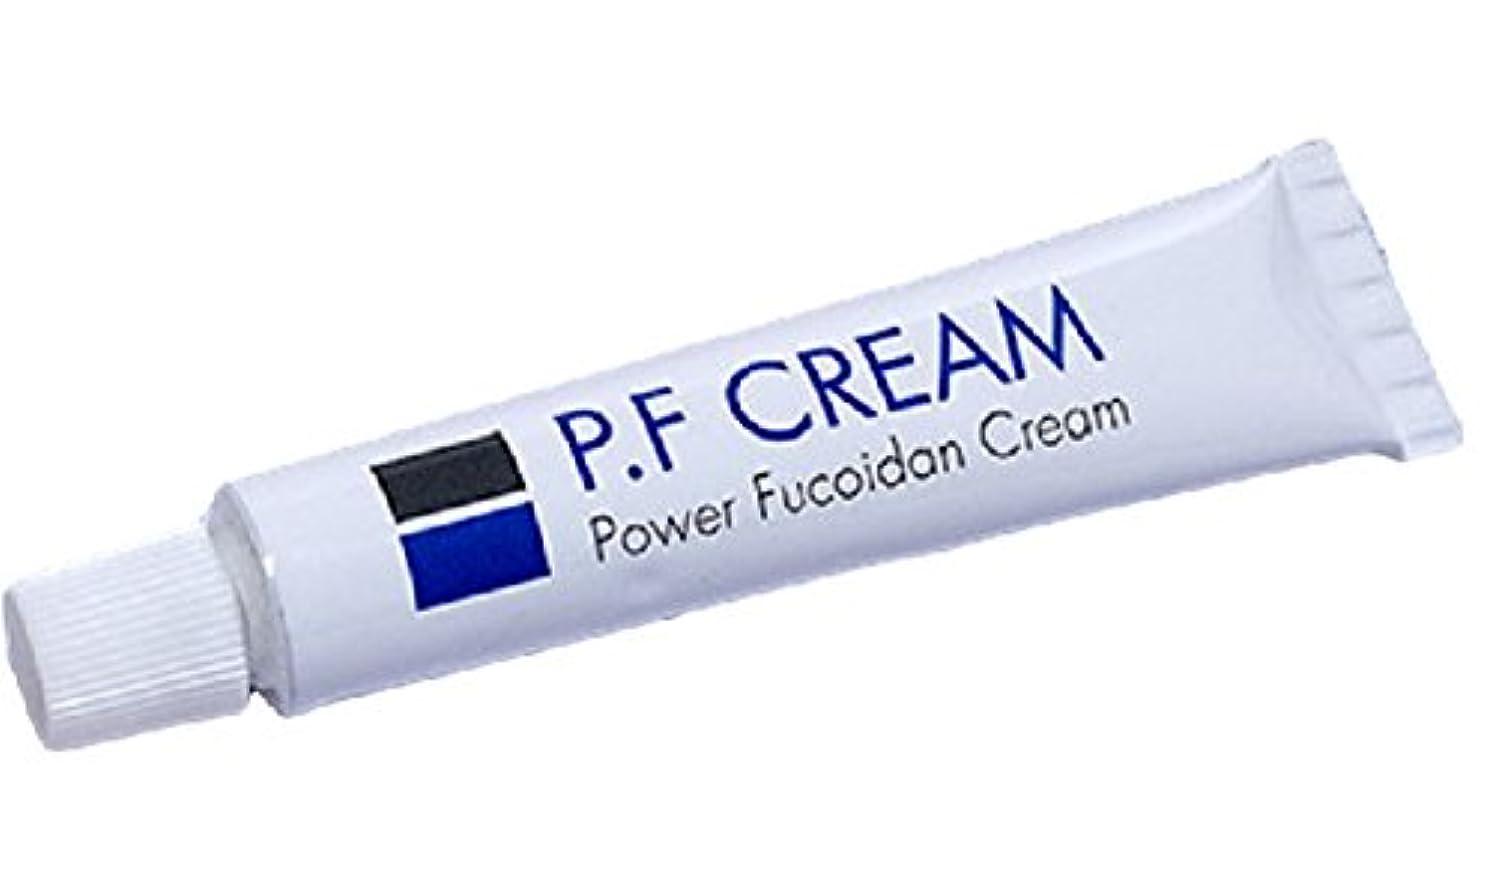 基準買うネックレットPF クリーム( フコイダン 含有 クリーム )